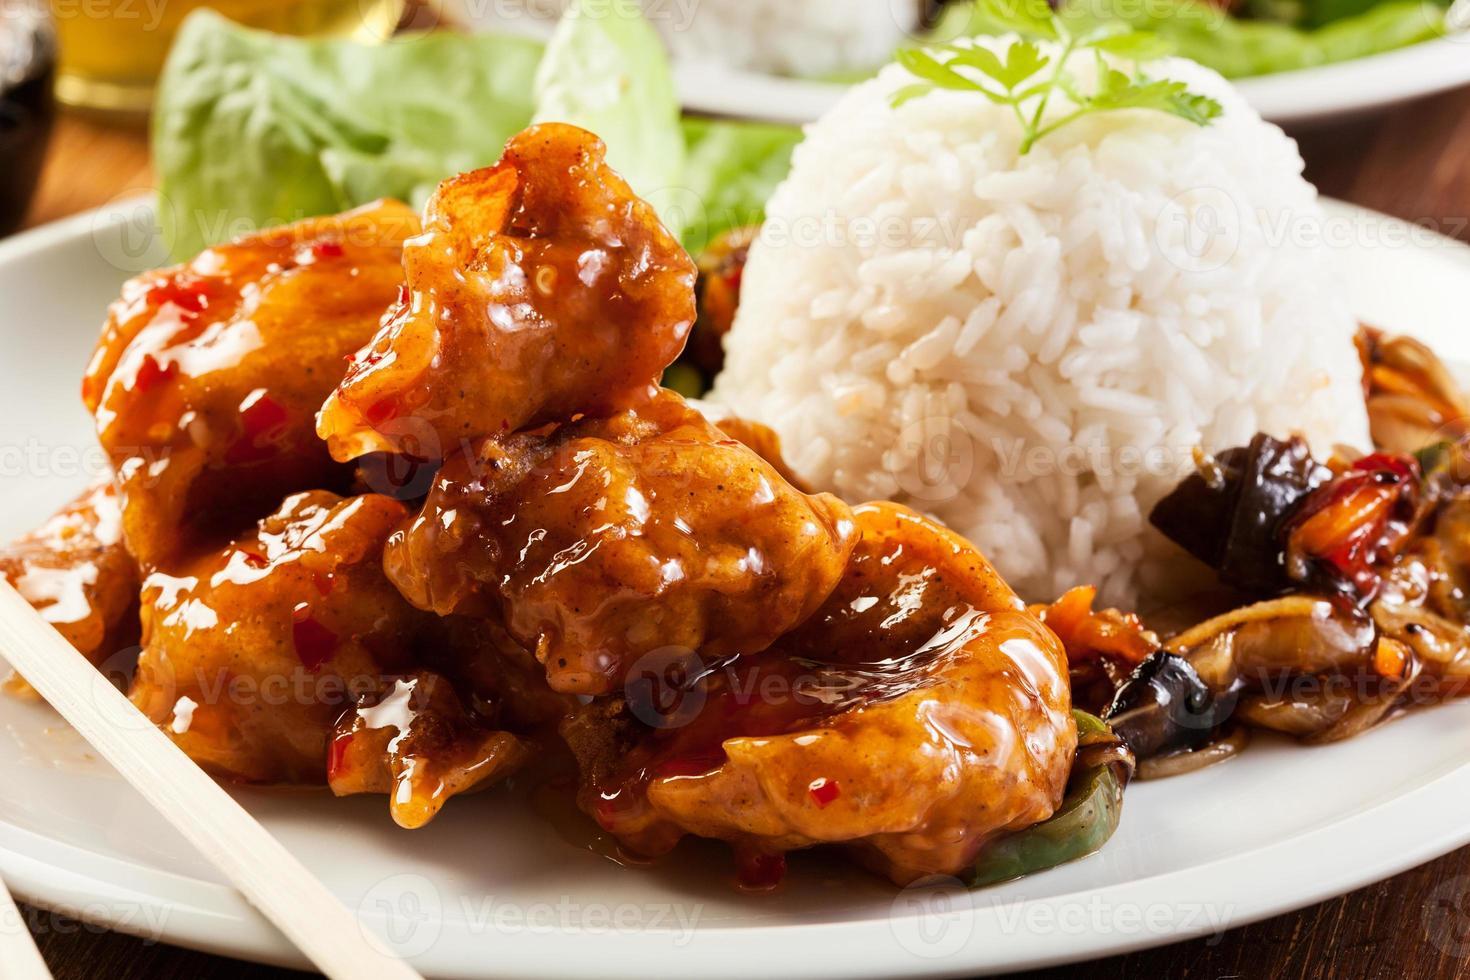 morceaux de poulet frit avec sauce aigre-douce photo